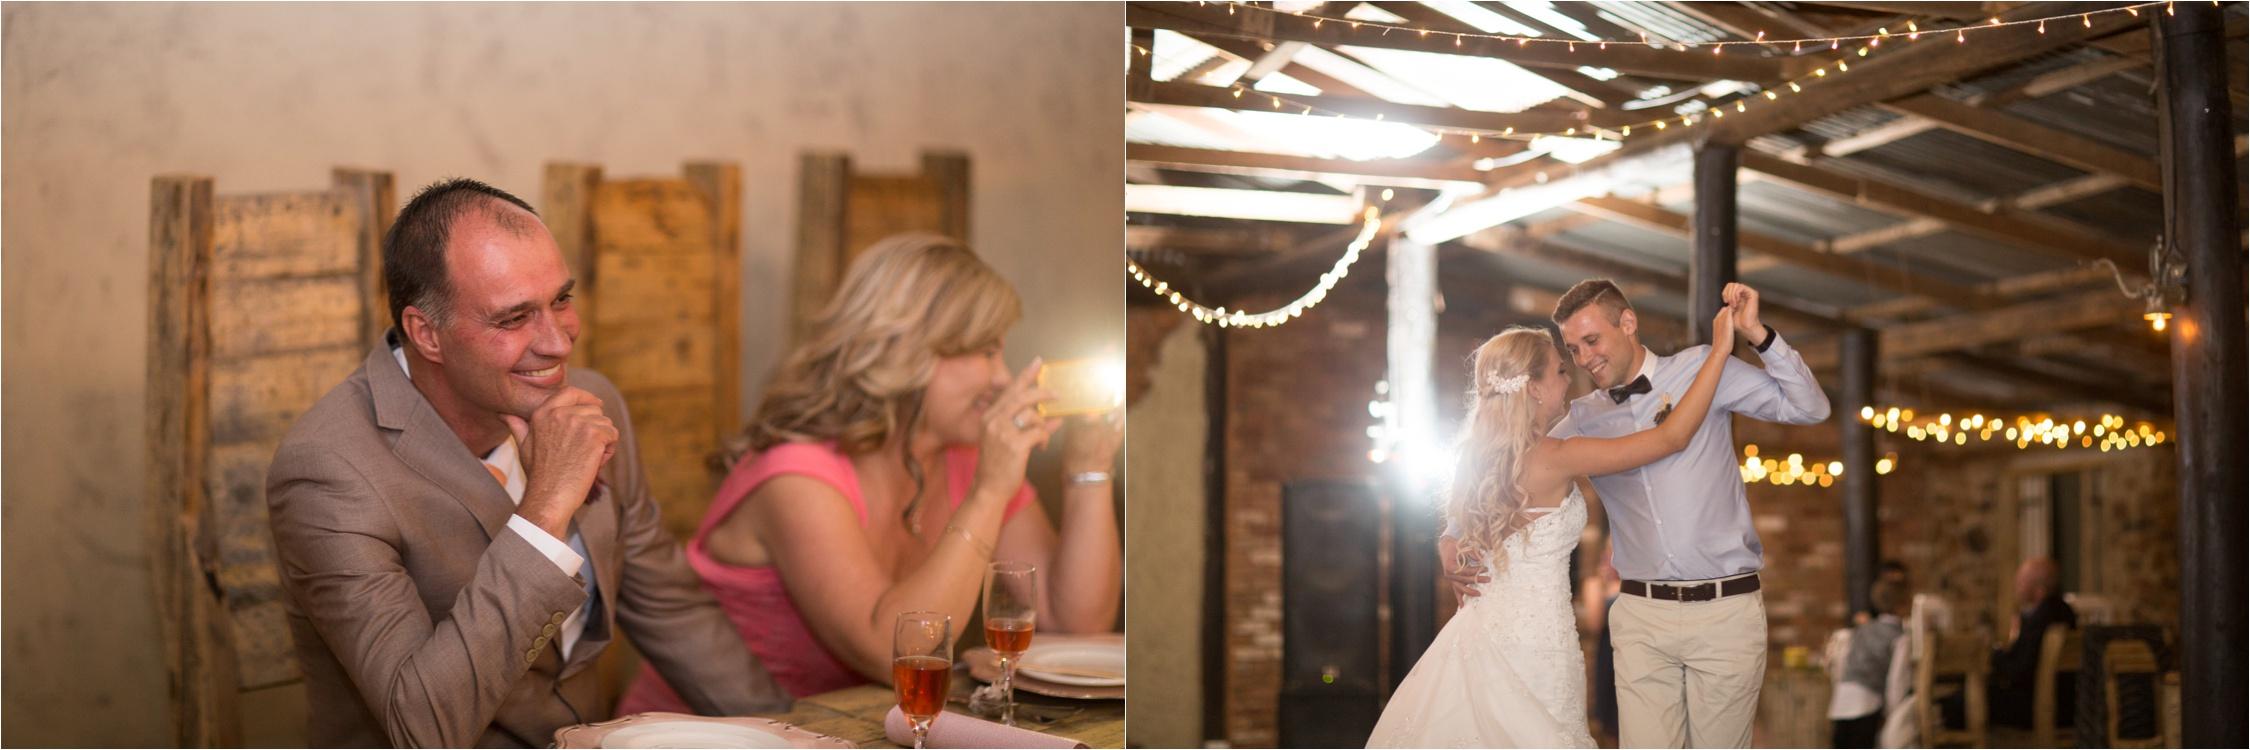 Die_Waenhuiskraal_wedding_Alicia_Dwayne_81